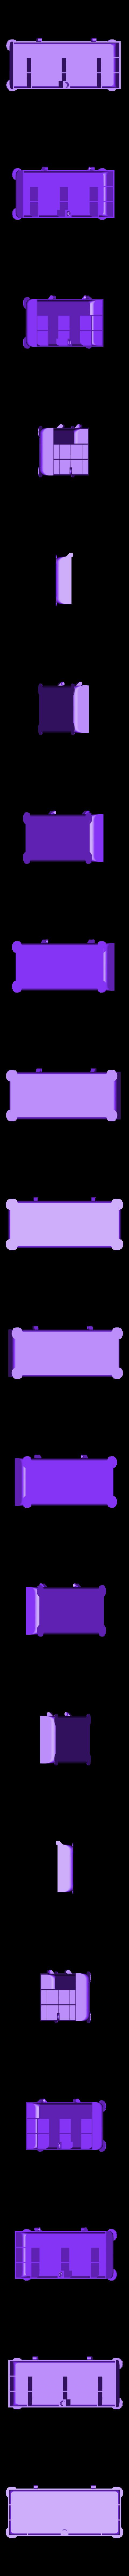 New_backtoschool_body_V1.1.stl Télécharger fichier STL gratuit Coffret de crayons fermant à clé personnalisable • Objet imprimable en 3D, Bolnarb